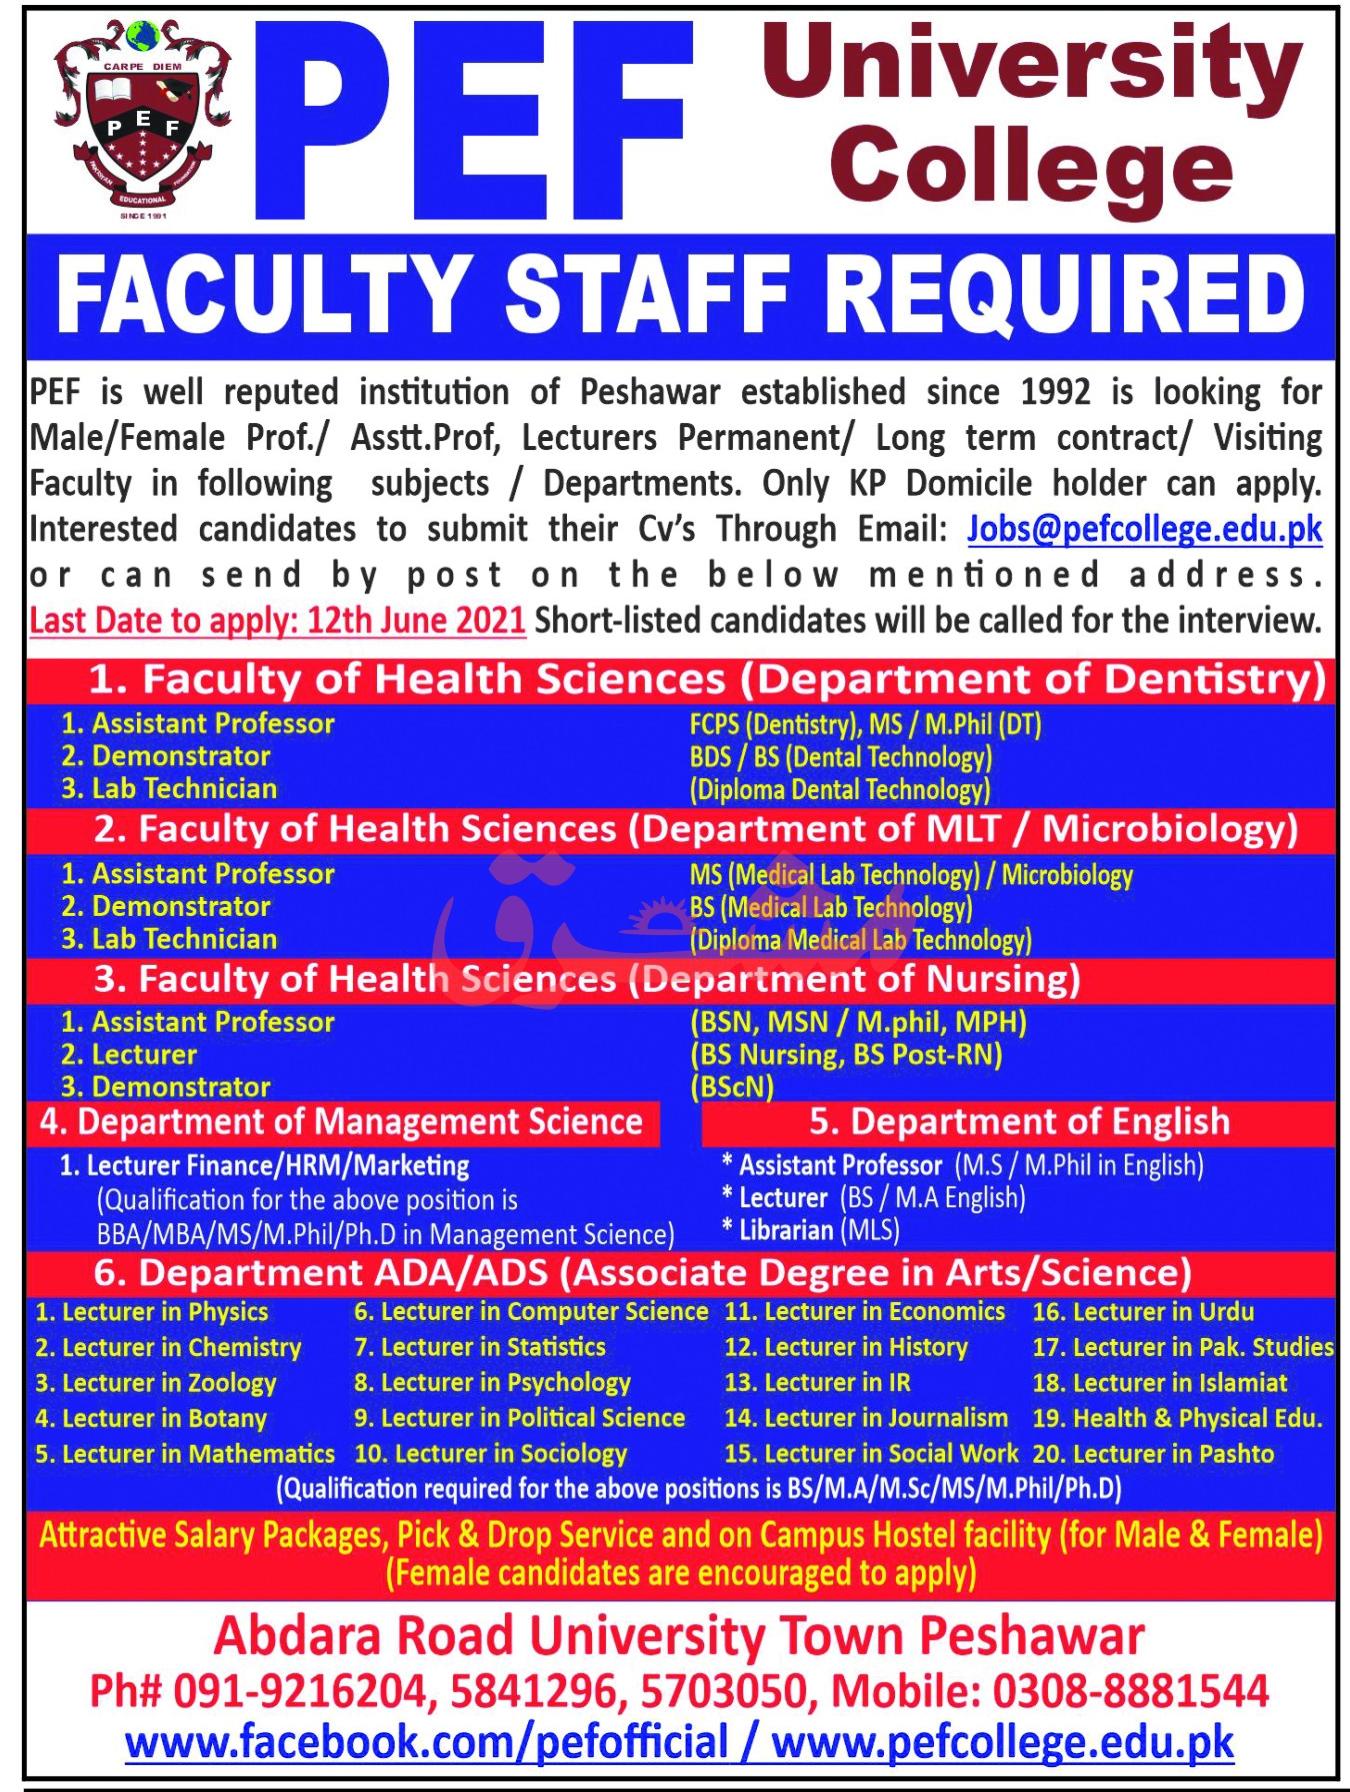 PEF University College Jobs 2021 in Peshawar